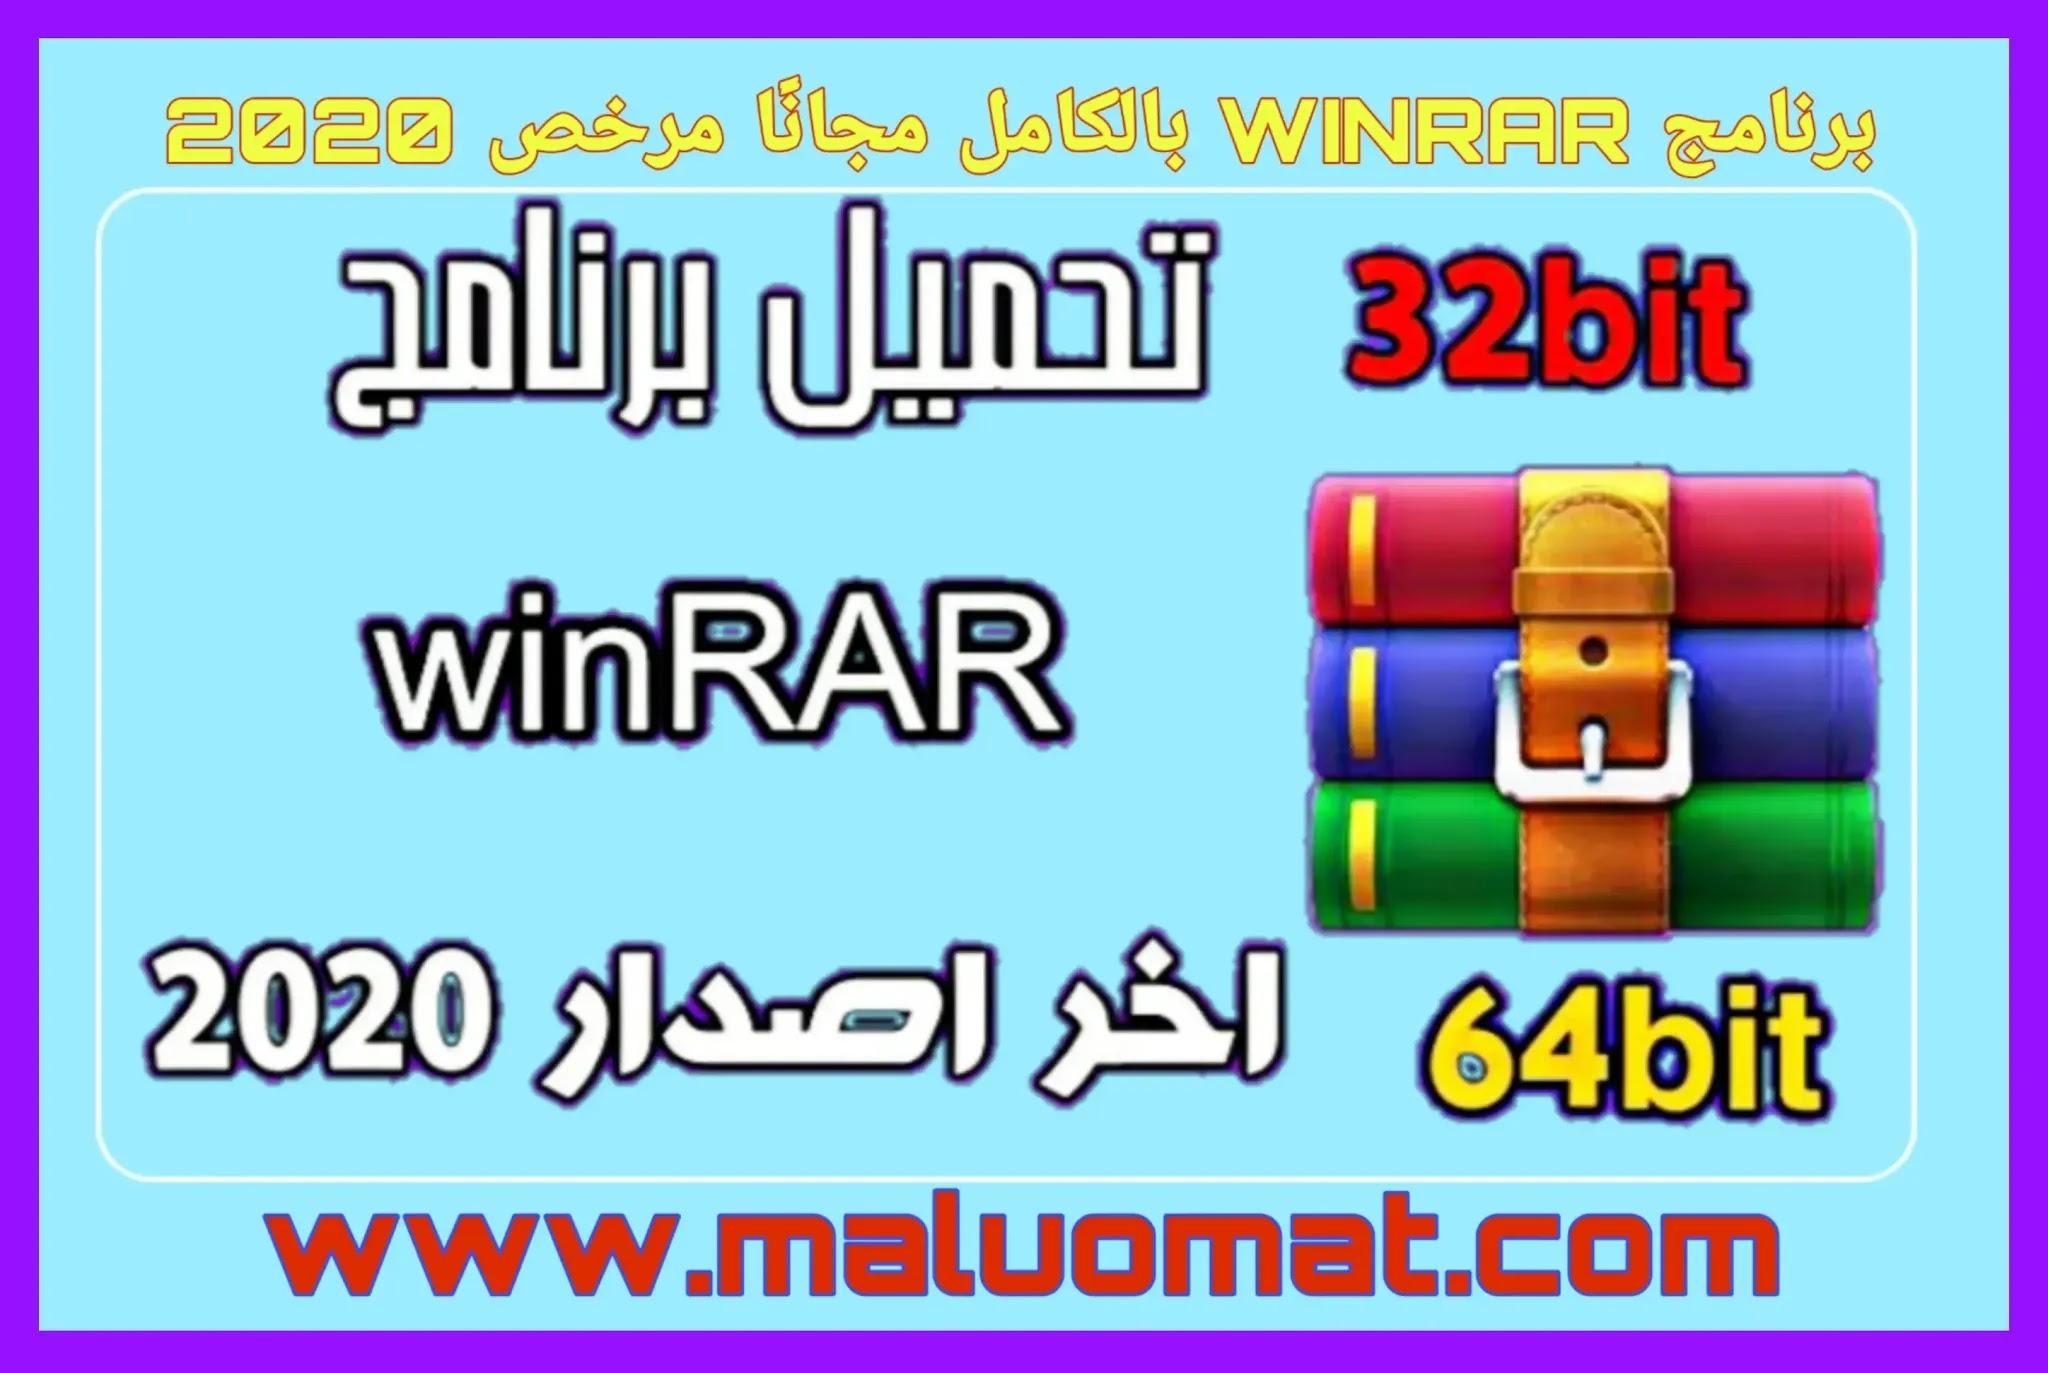 تنزيل برنامج WINRAR بالكامل مجانًا مرخص 2020